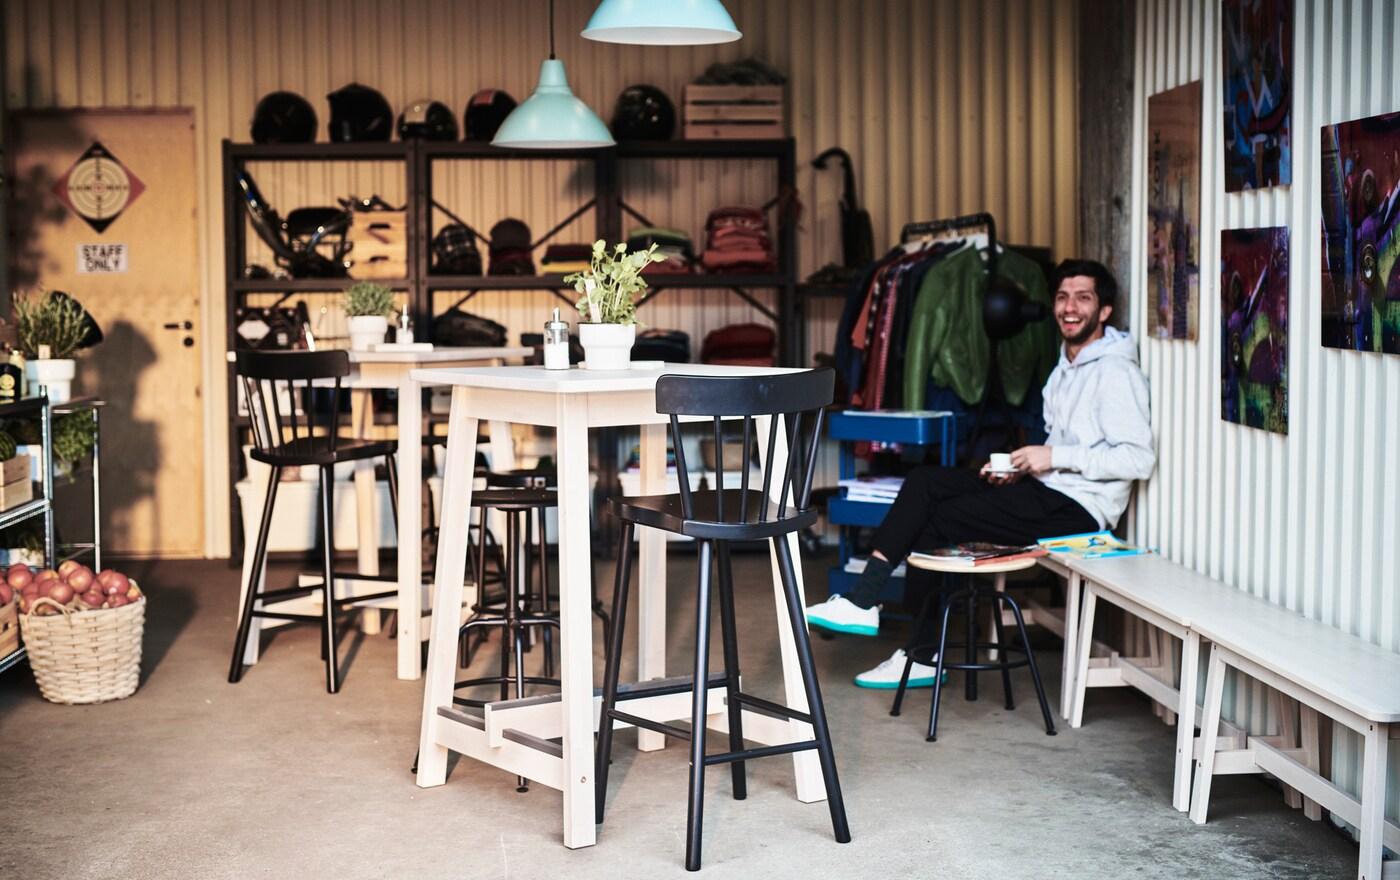 Minőségi és megfizethető bútorok és kis termékek a nagy álmokért.